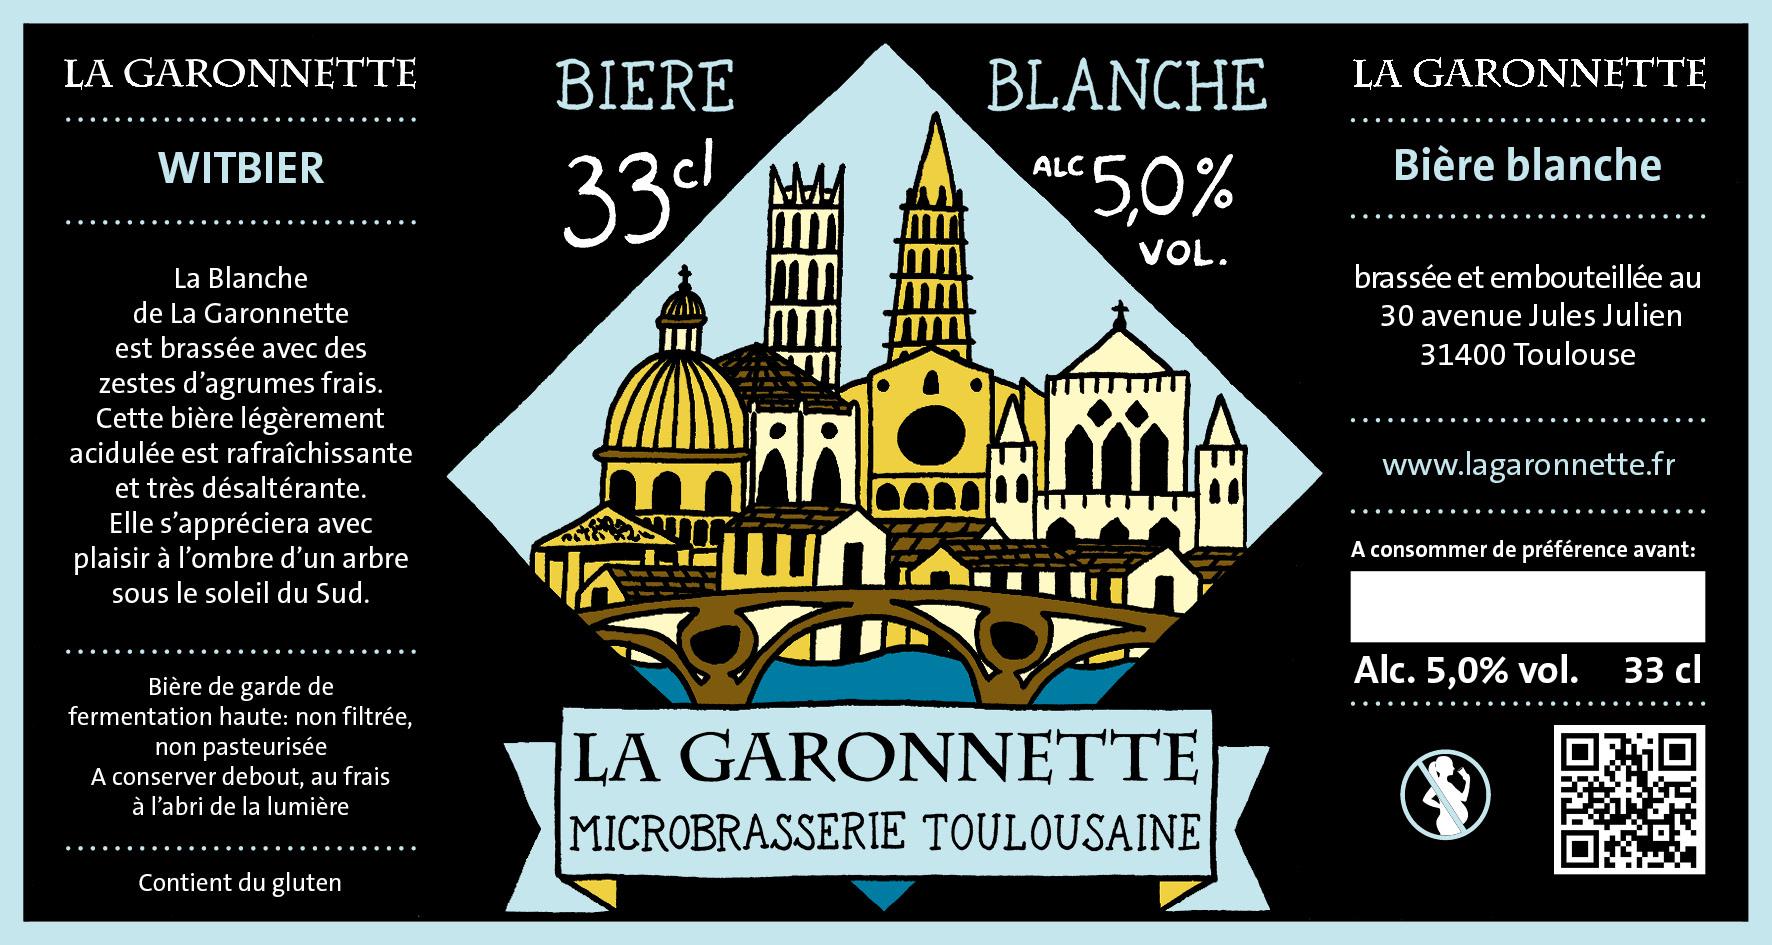 07_garonnette_blanche_33.jpg